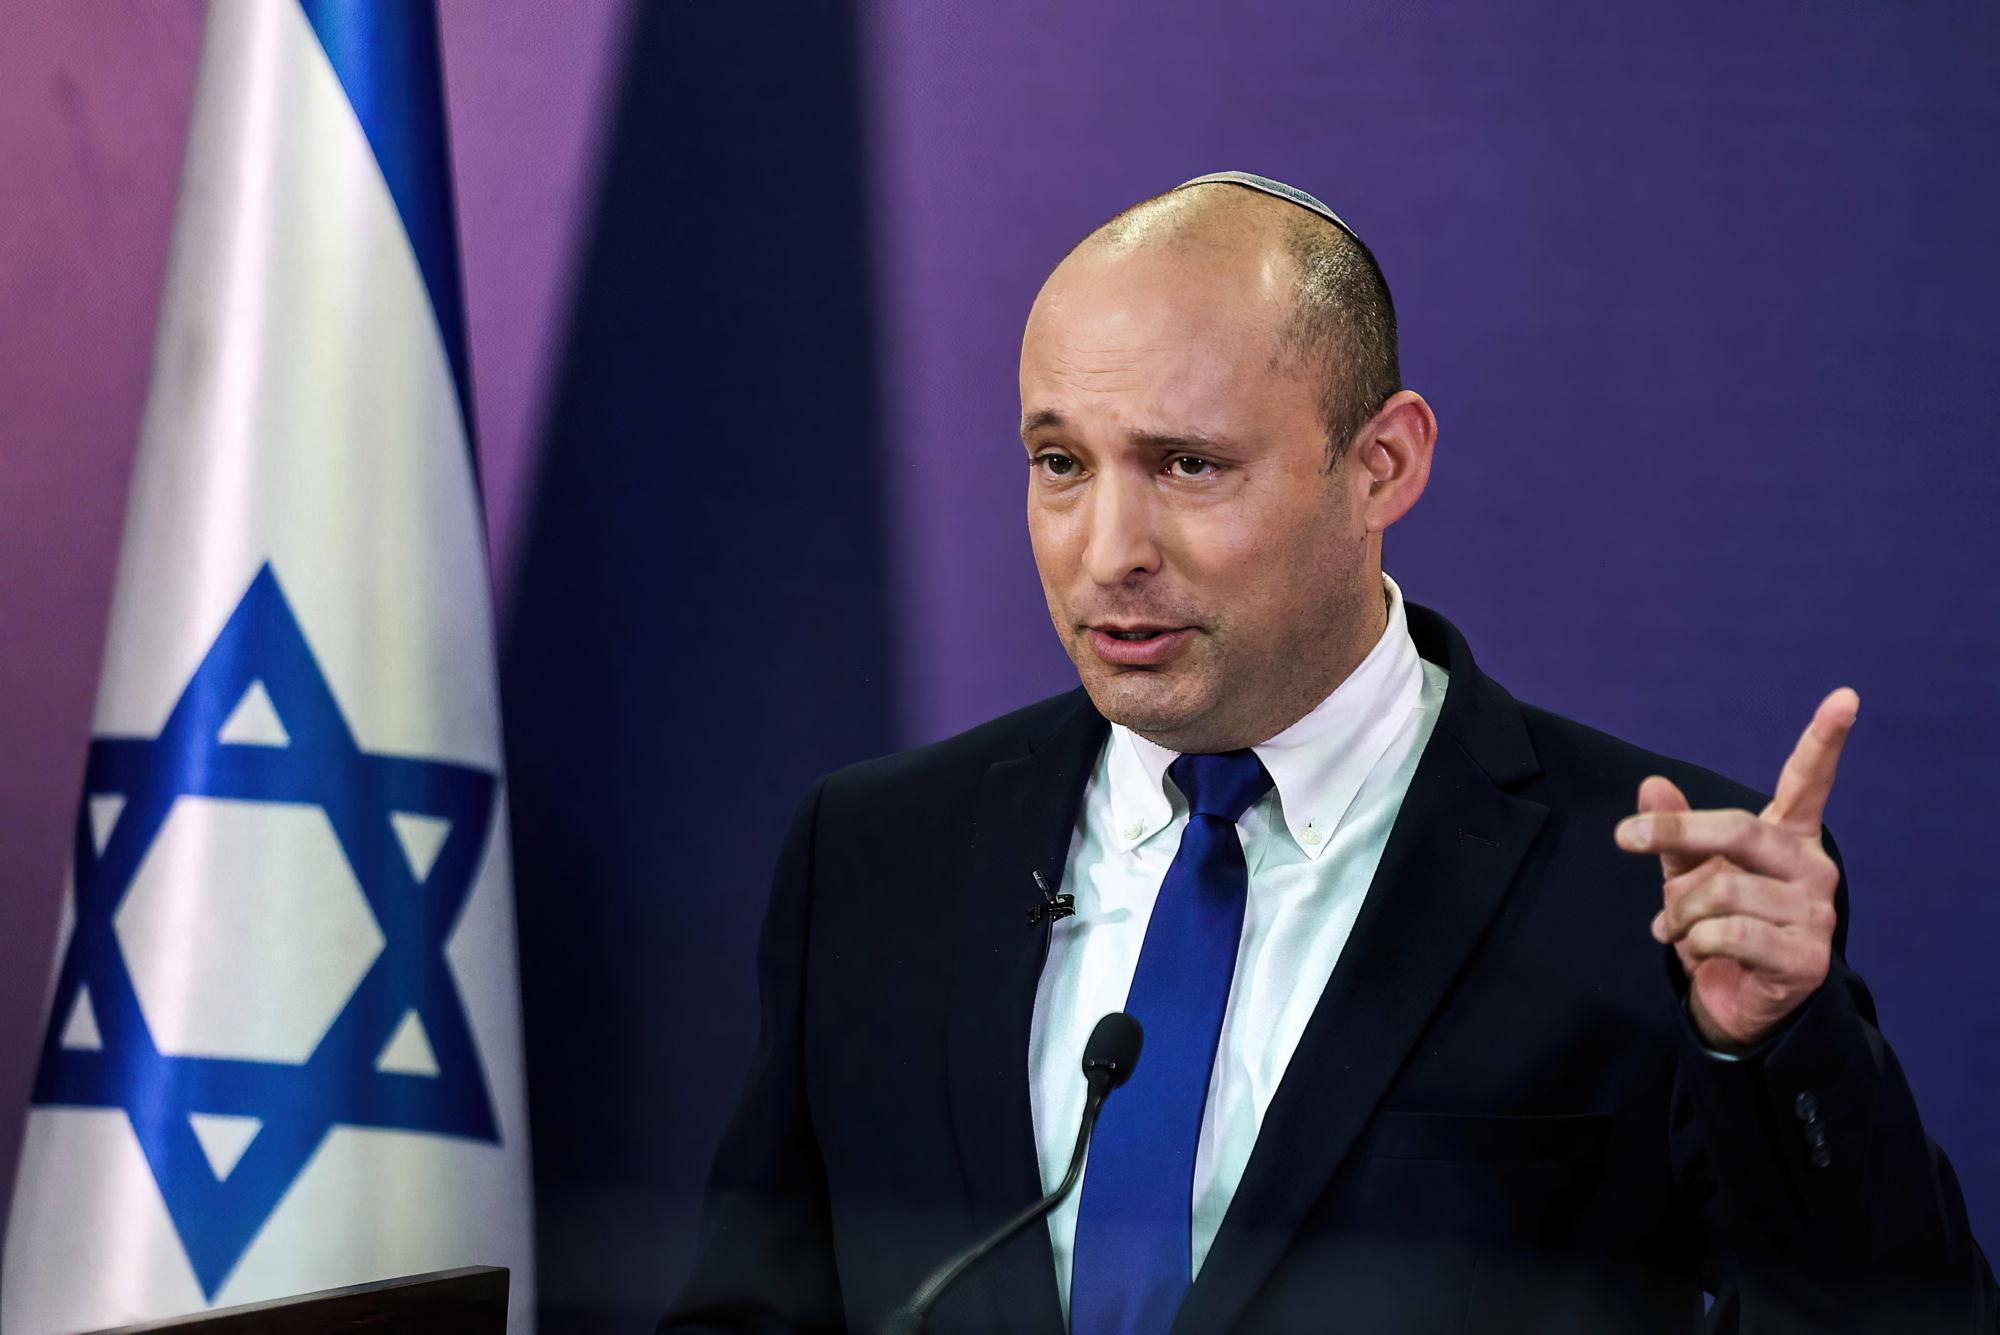 Bennett y Putin conversan sobre seguridad regional en su primera llamada telefónica